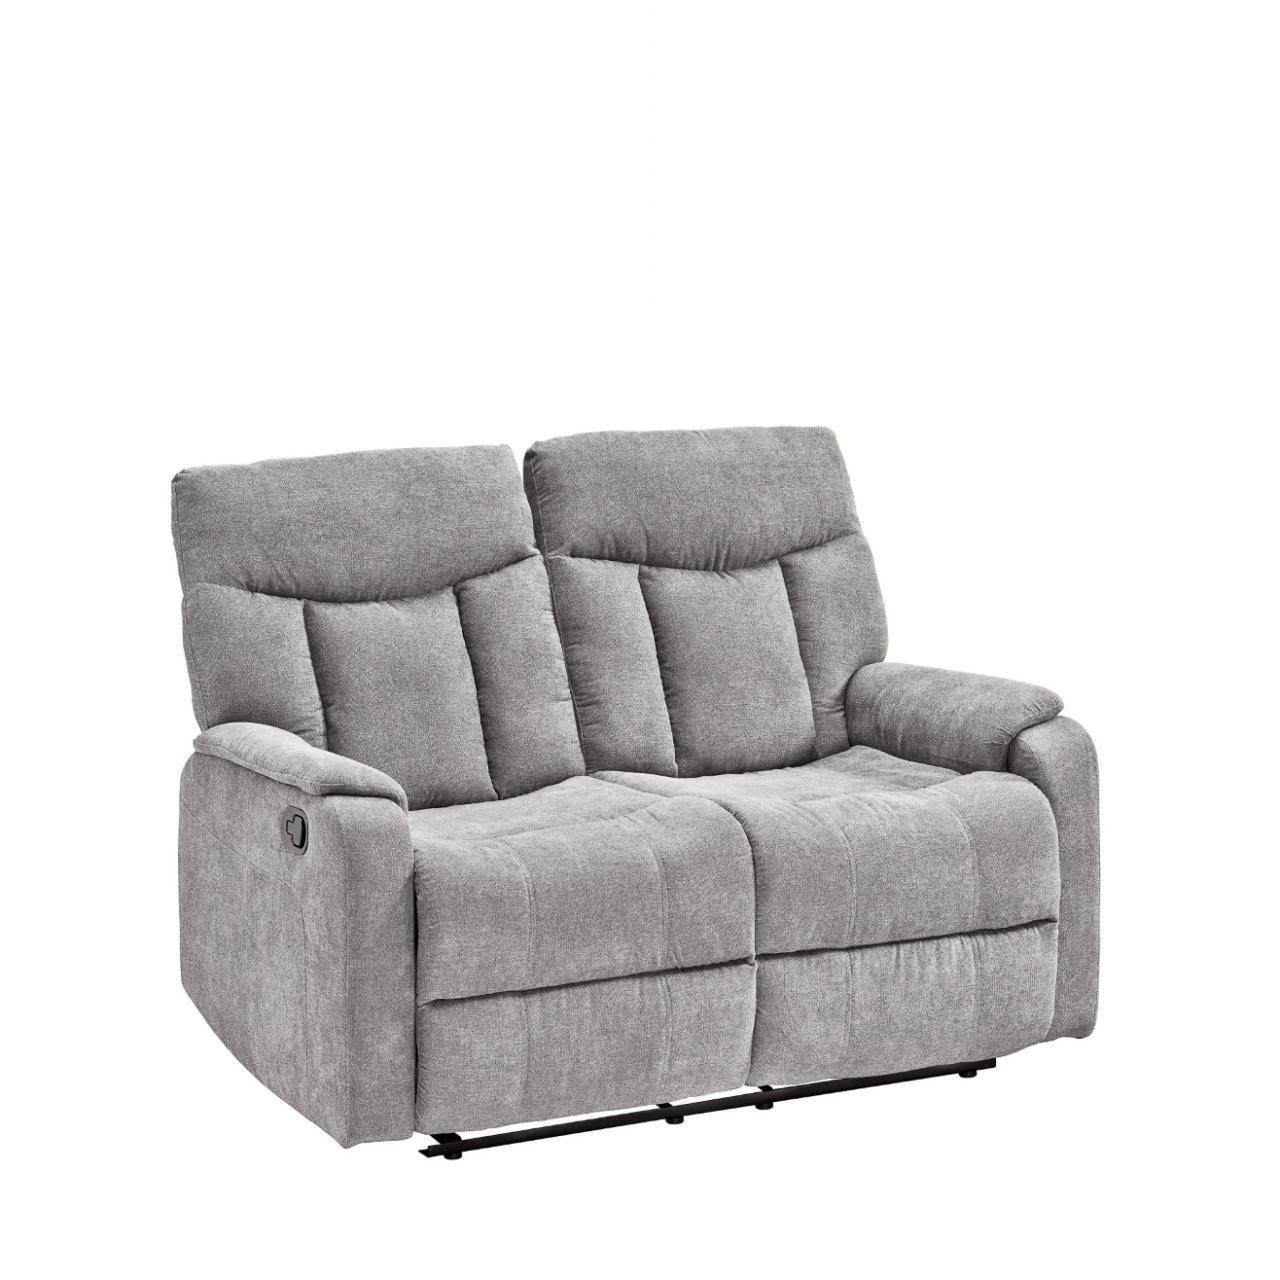 Full Size of Sofa Mit Relaxfunktion 3 Sitzer 2 Fm 3015 Grau Couch Wohnzimmer Mikrofaser Chesterfield Gebraucht Miniküche Kühlschrank Samt Englisch Boxen Boxspring Sofa Sofa Mit Relaxfunktion 3 Sitzer